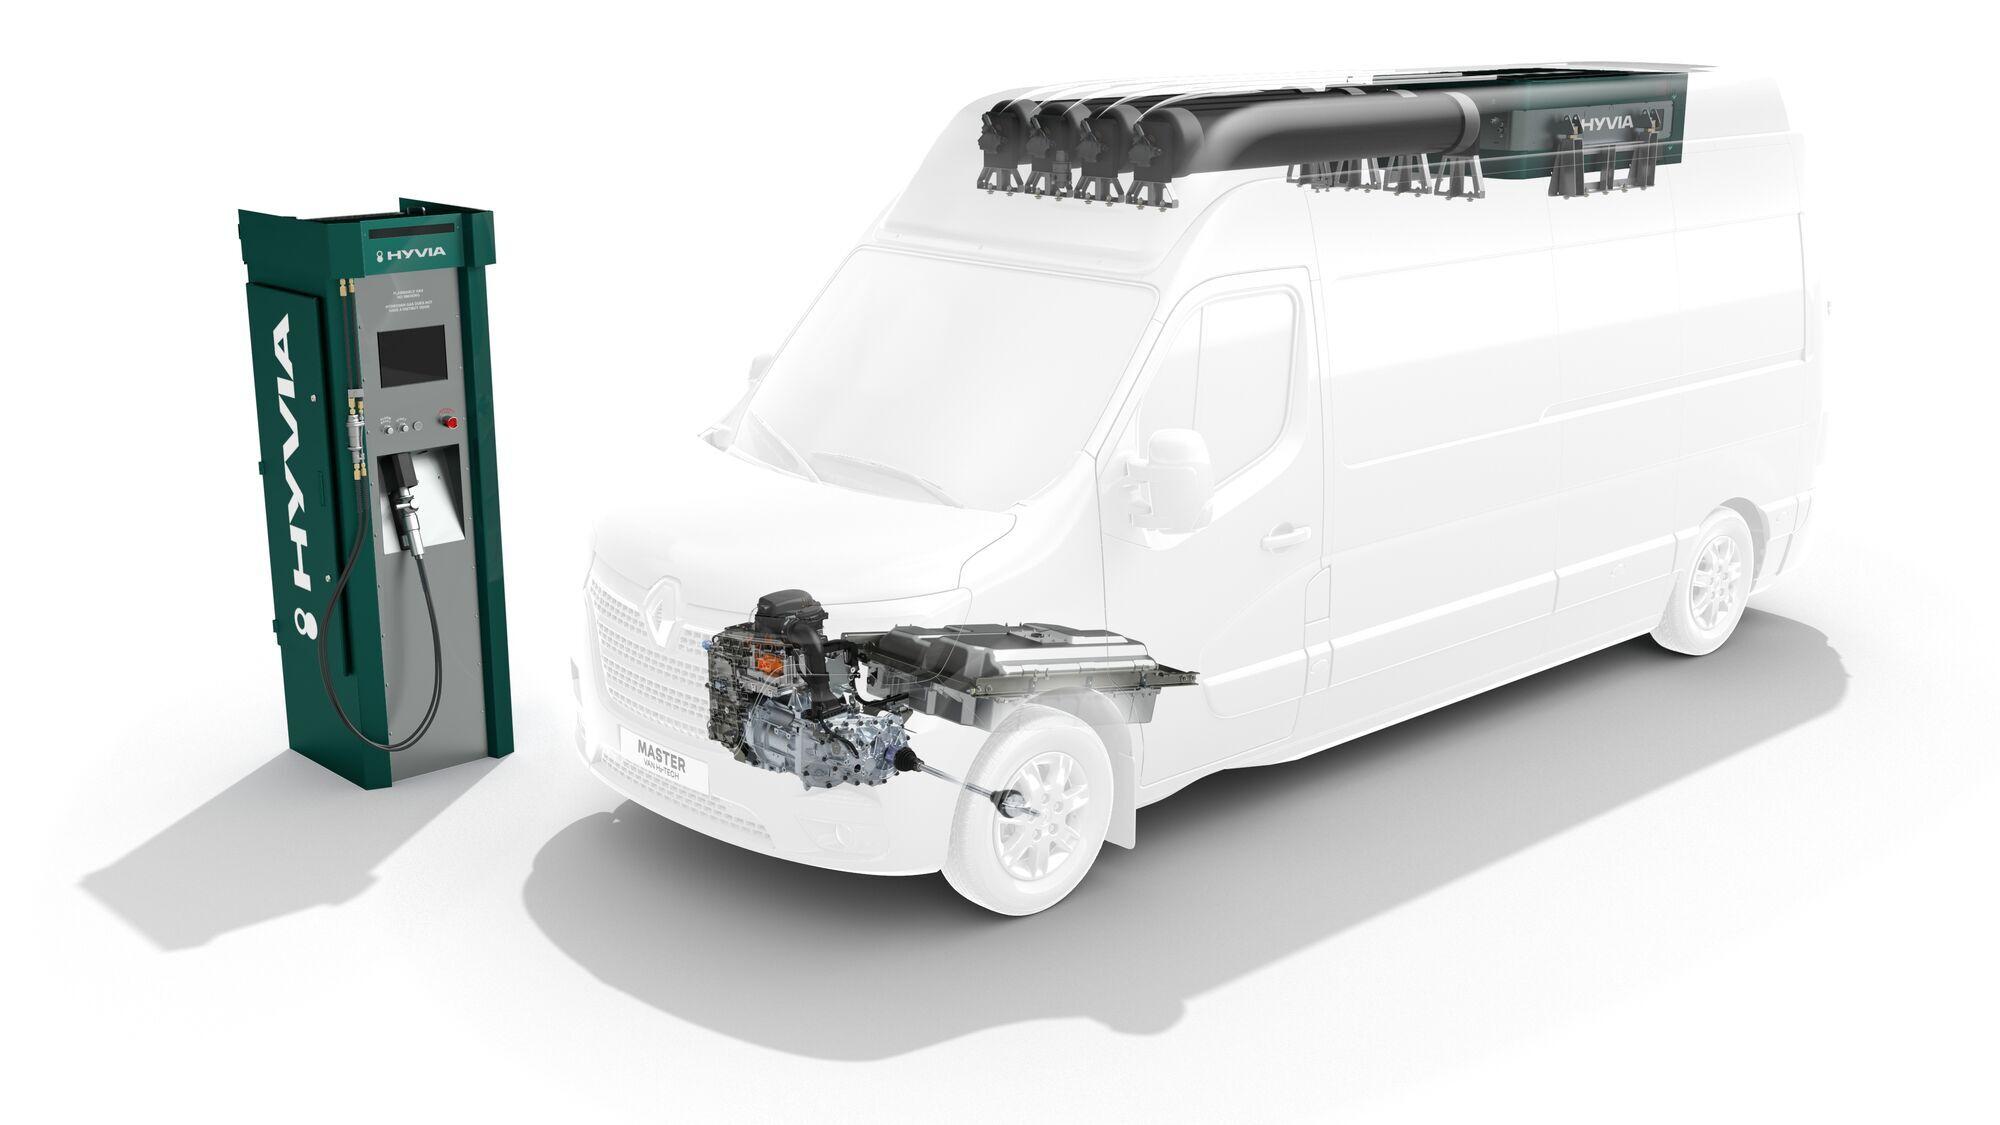 Розташування компонентів водневої установки в машинах із суцільнометалевим кузовом